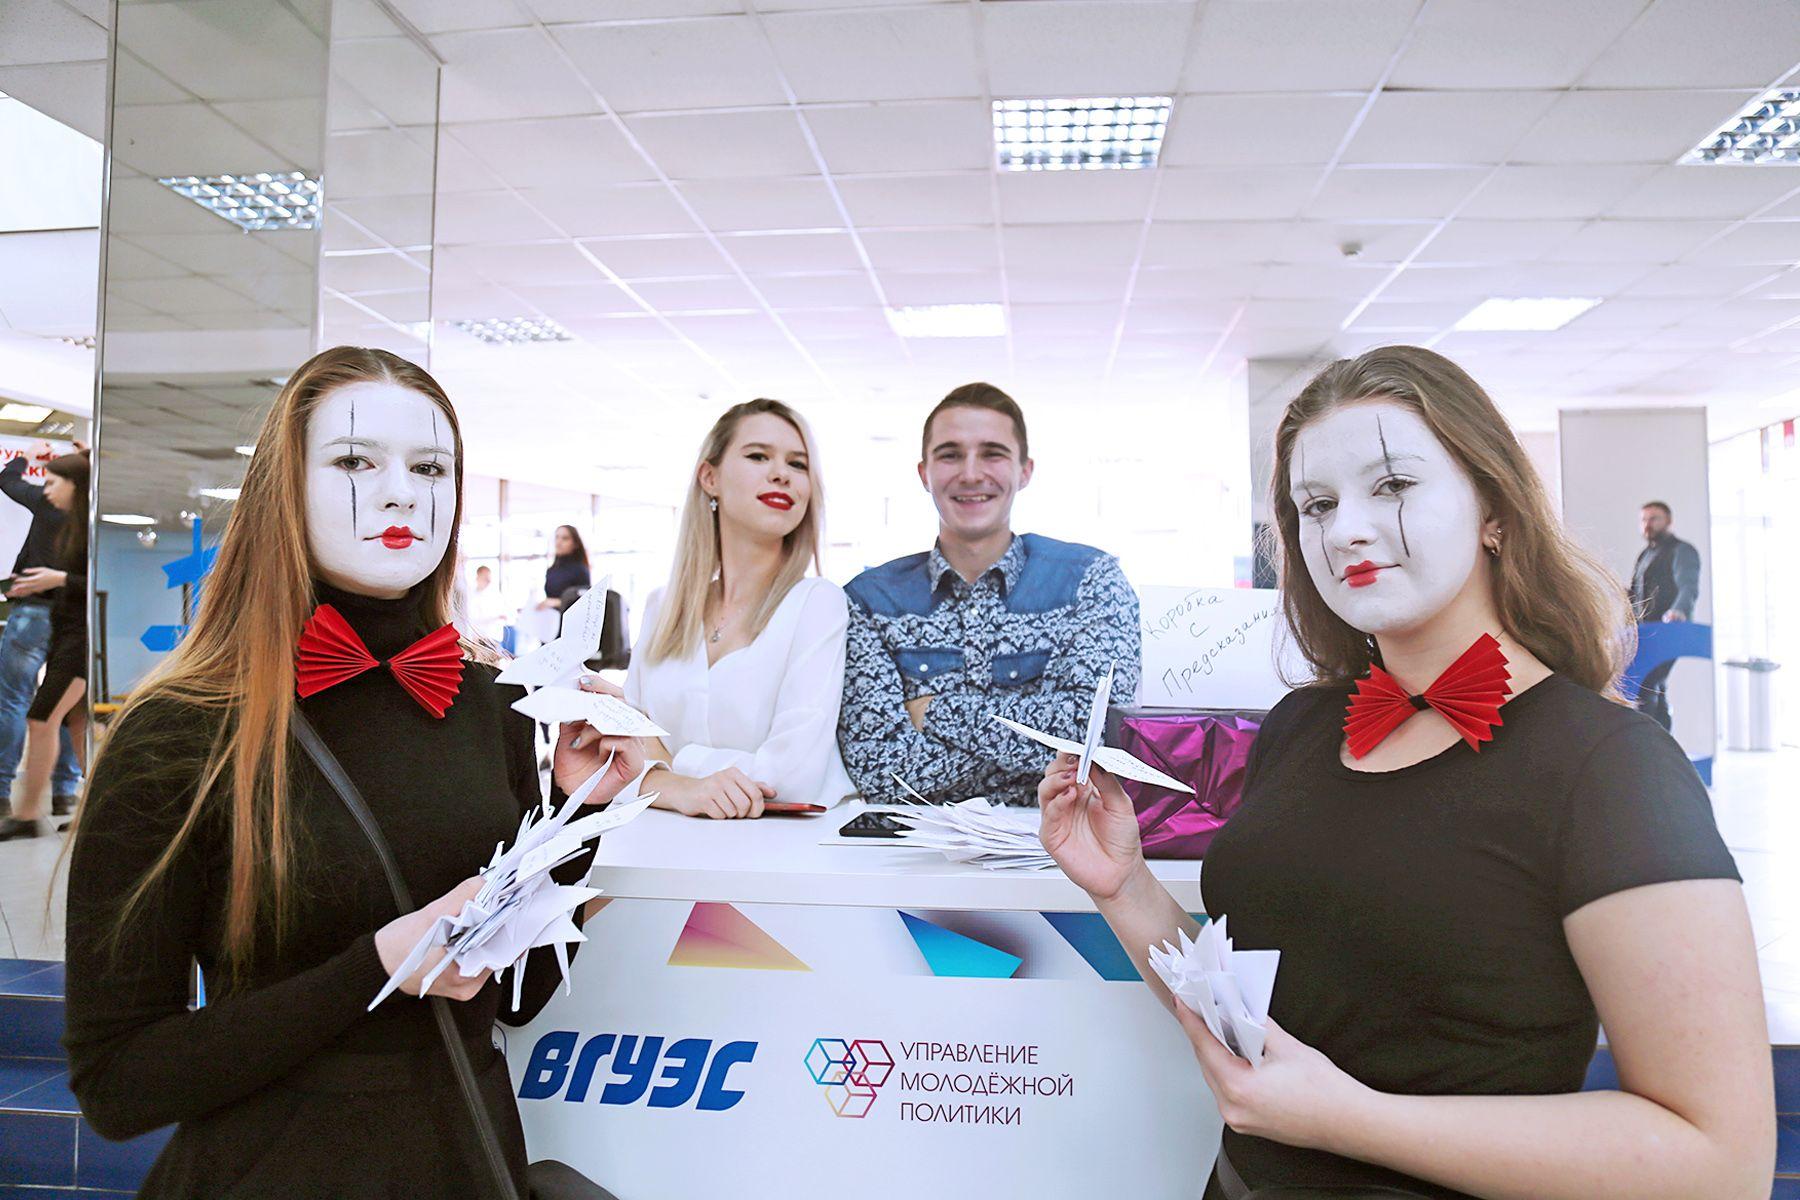 Итоги референдума ВГУЭС: большинство студентов поддерживают перемены